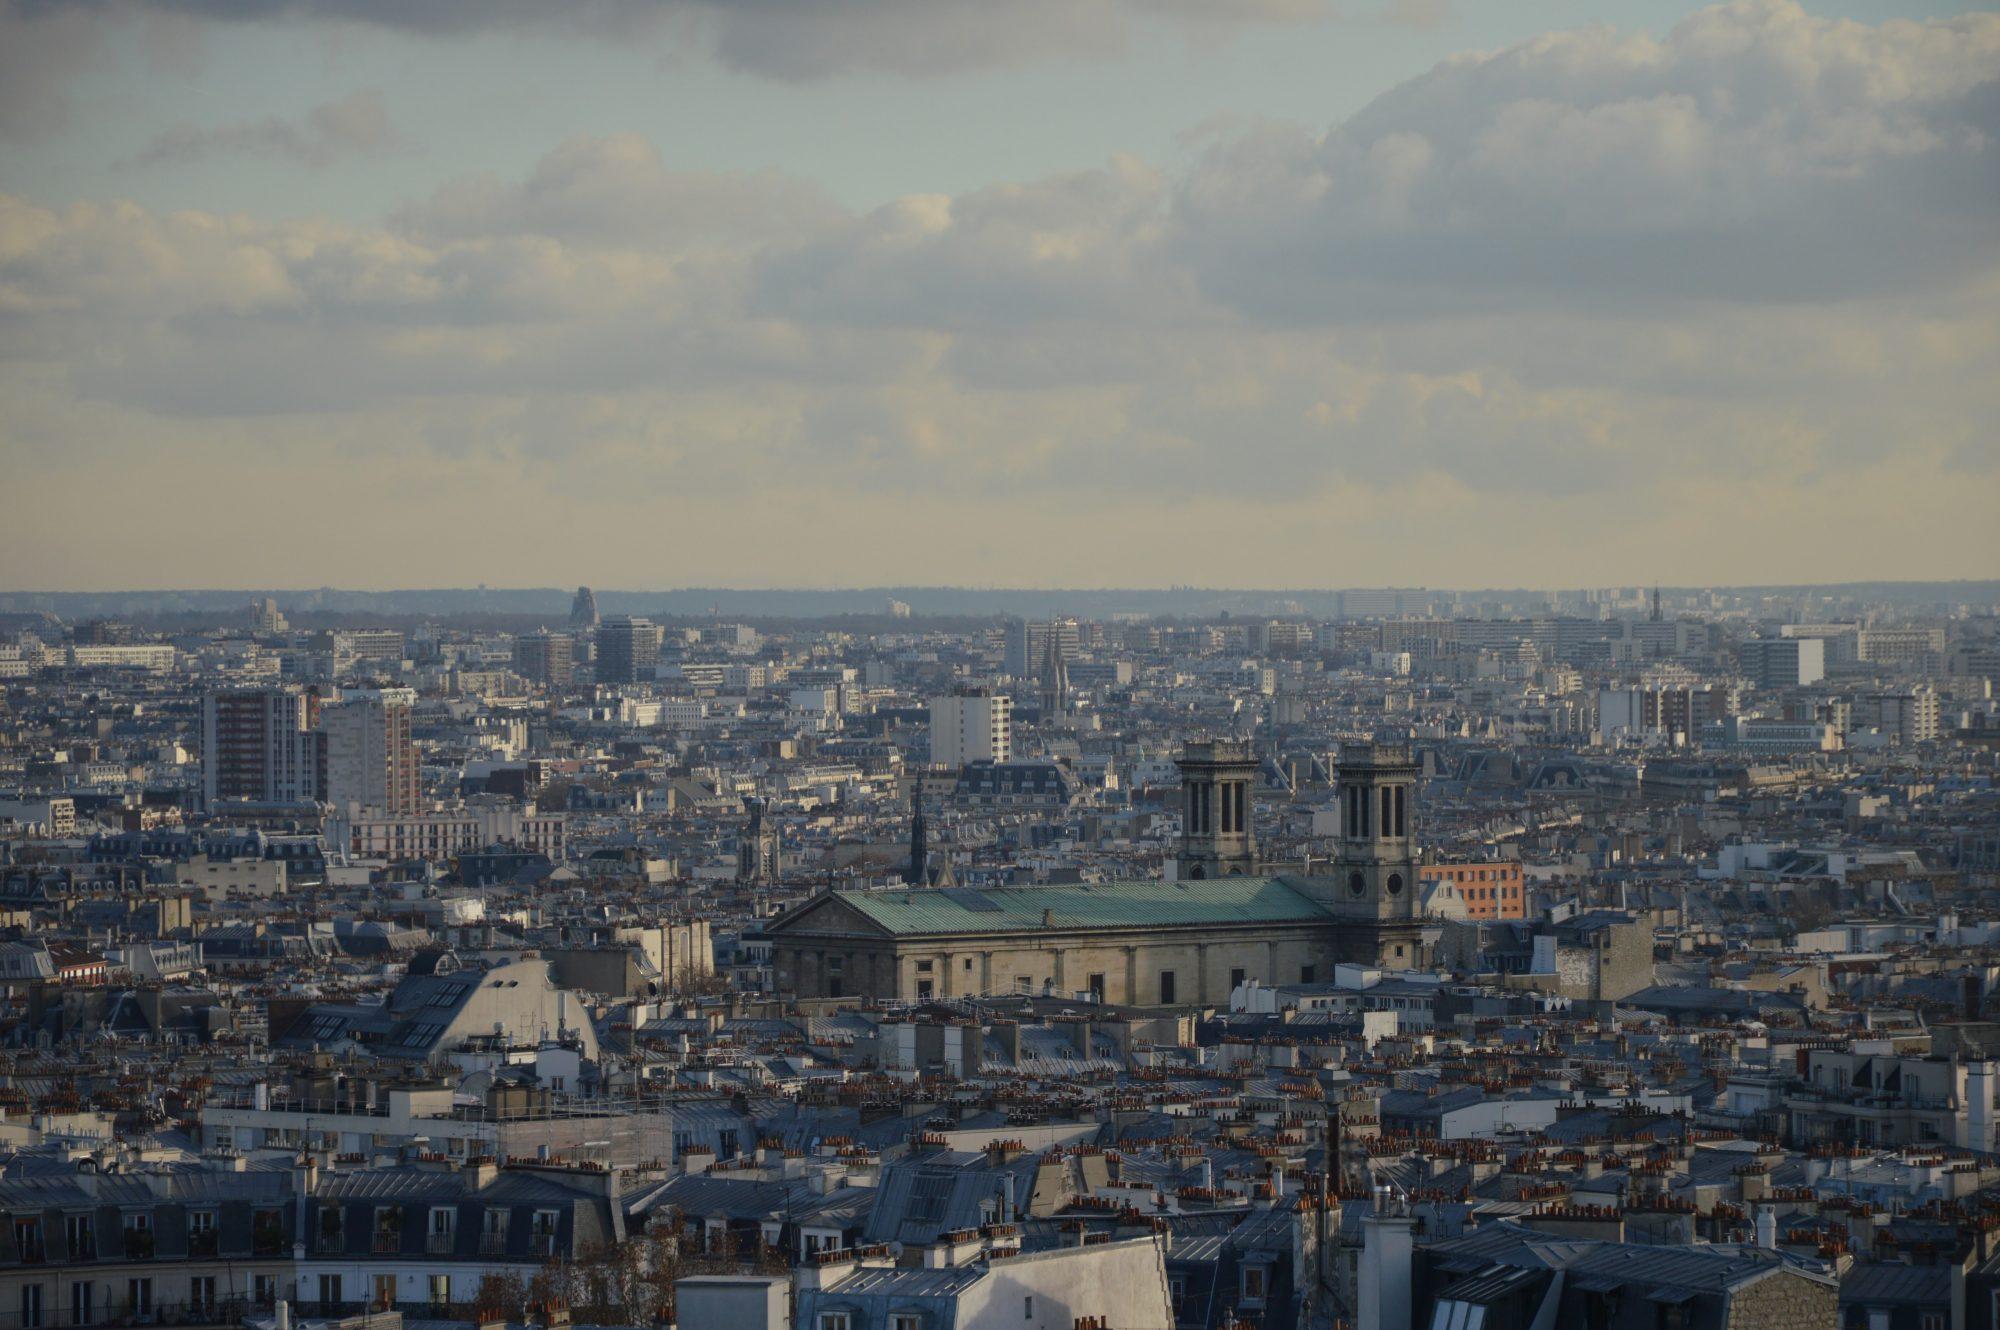 Vue de la Butte Montmartre - Sacré Coeur - Paris - Voyage ici et ailleurs